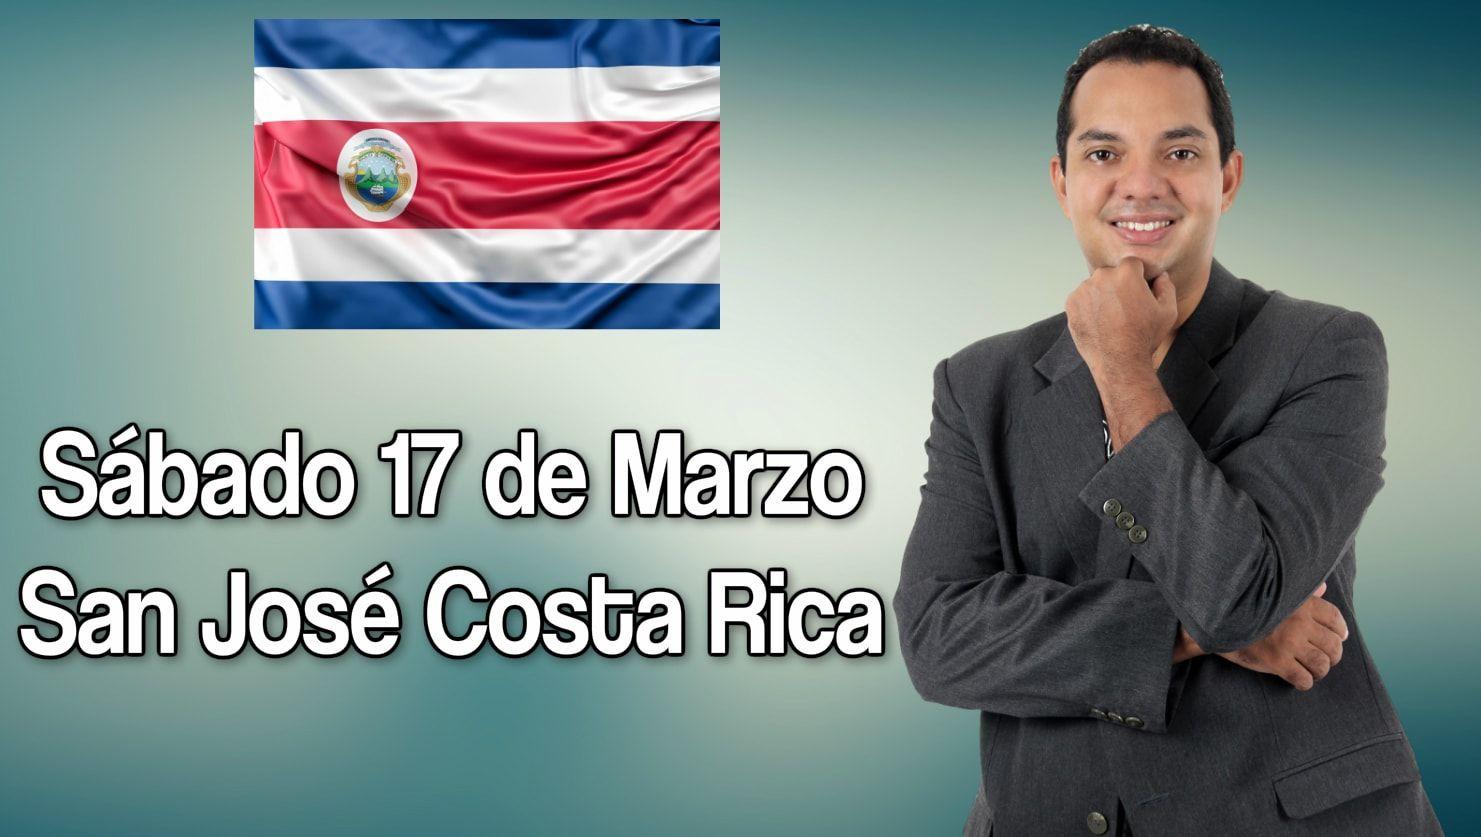 Video Agenda CostaRica-min